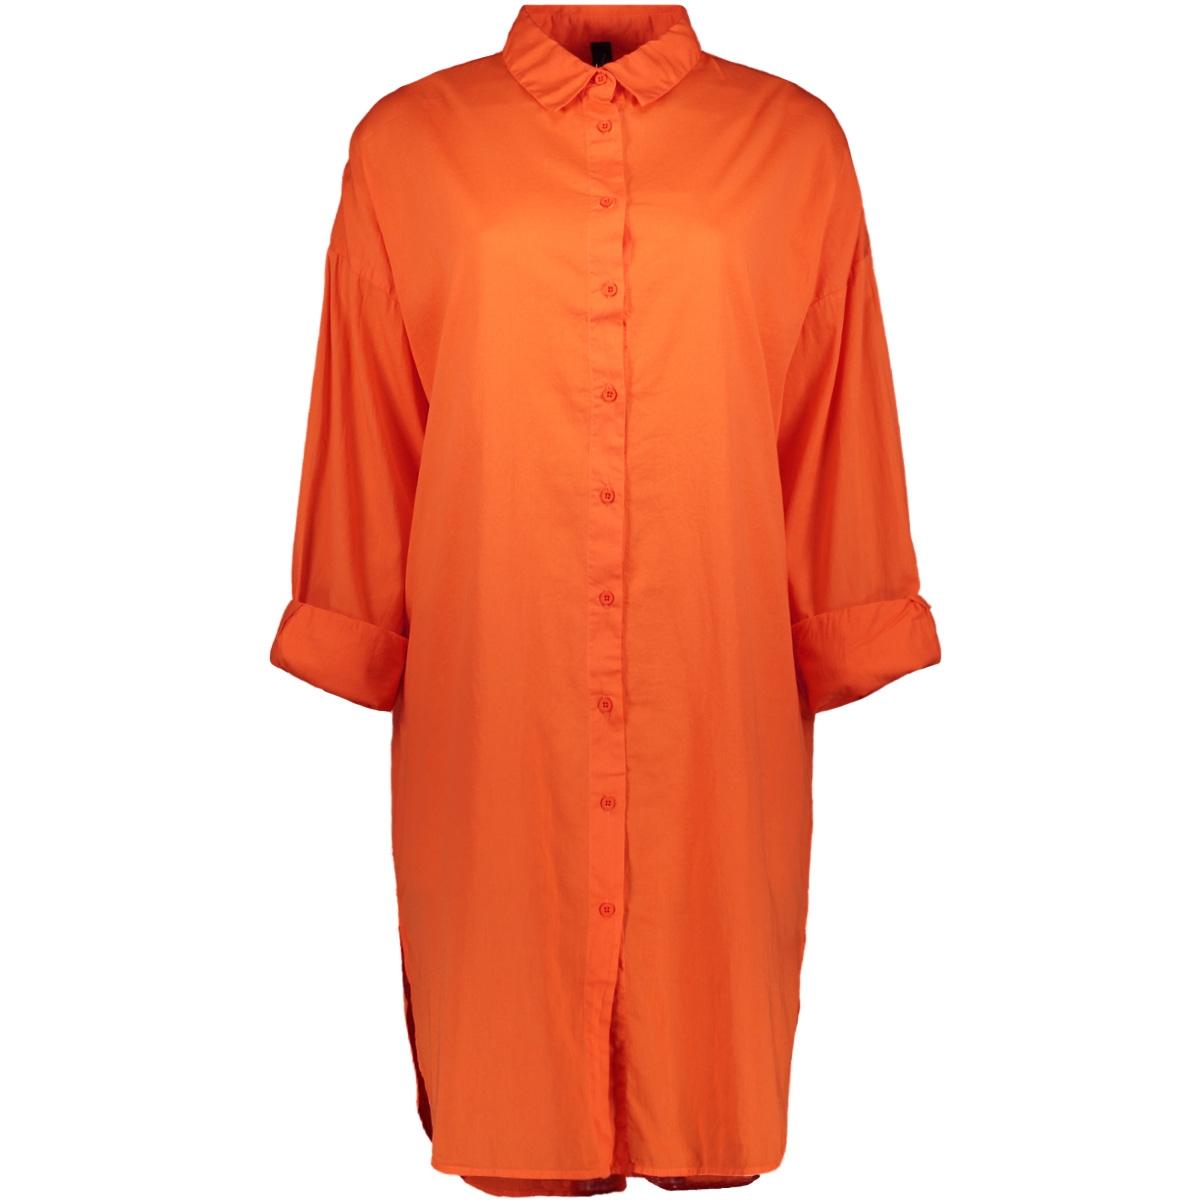 shirt dress 20 400 0202 10 days jurk royal orange